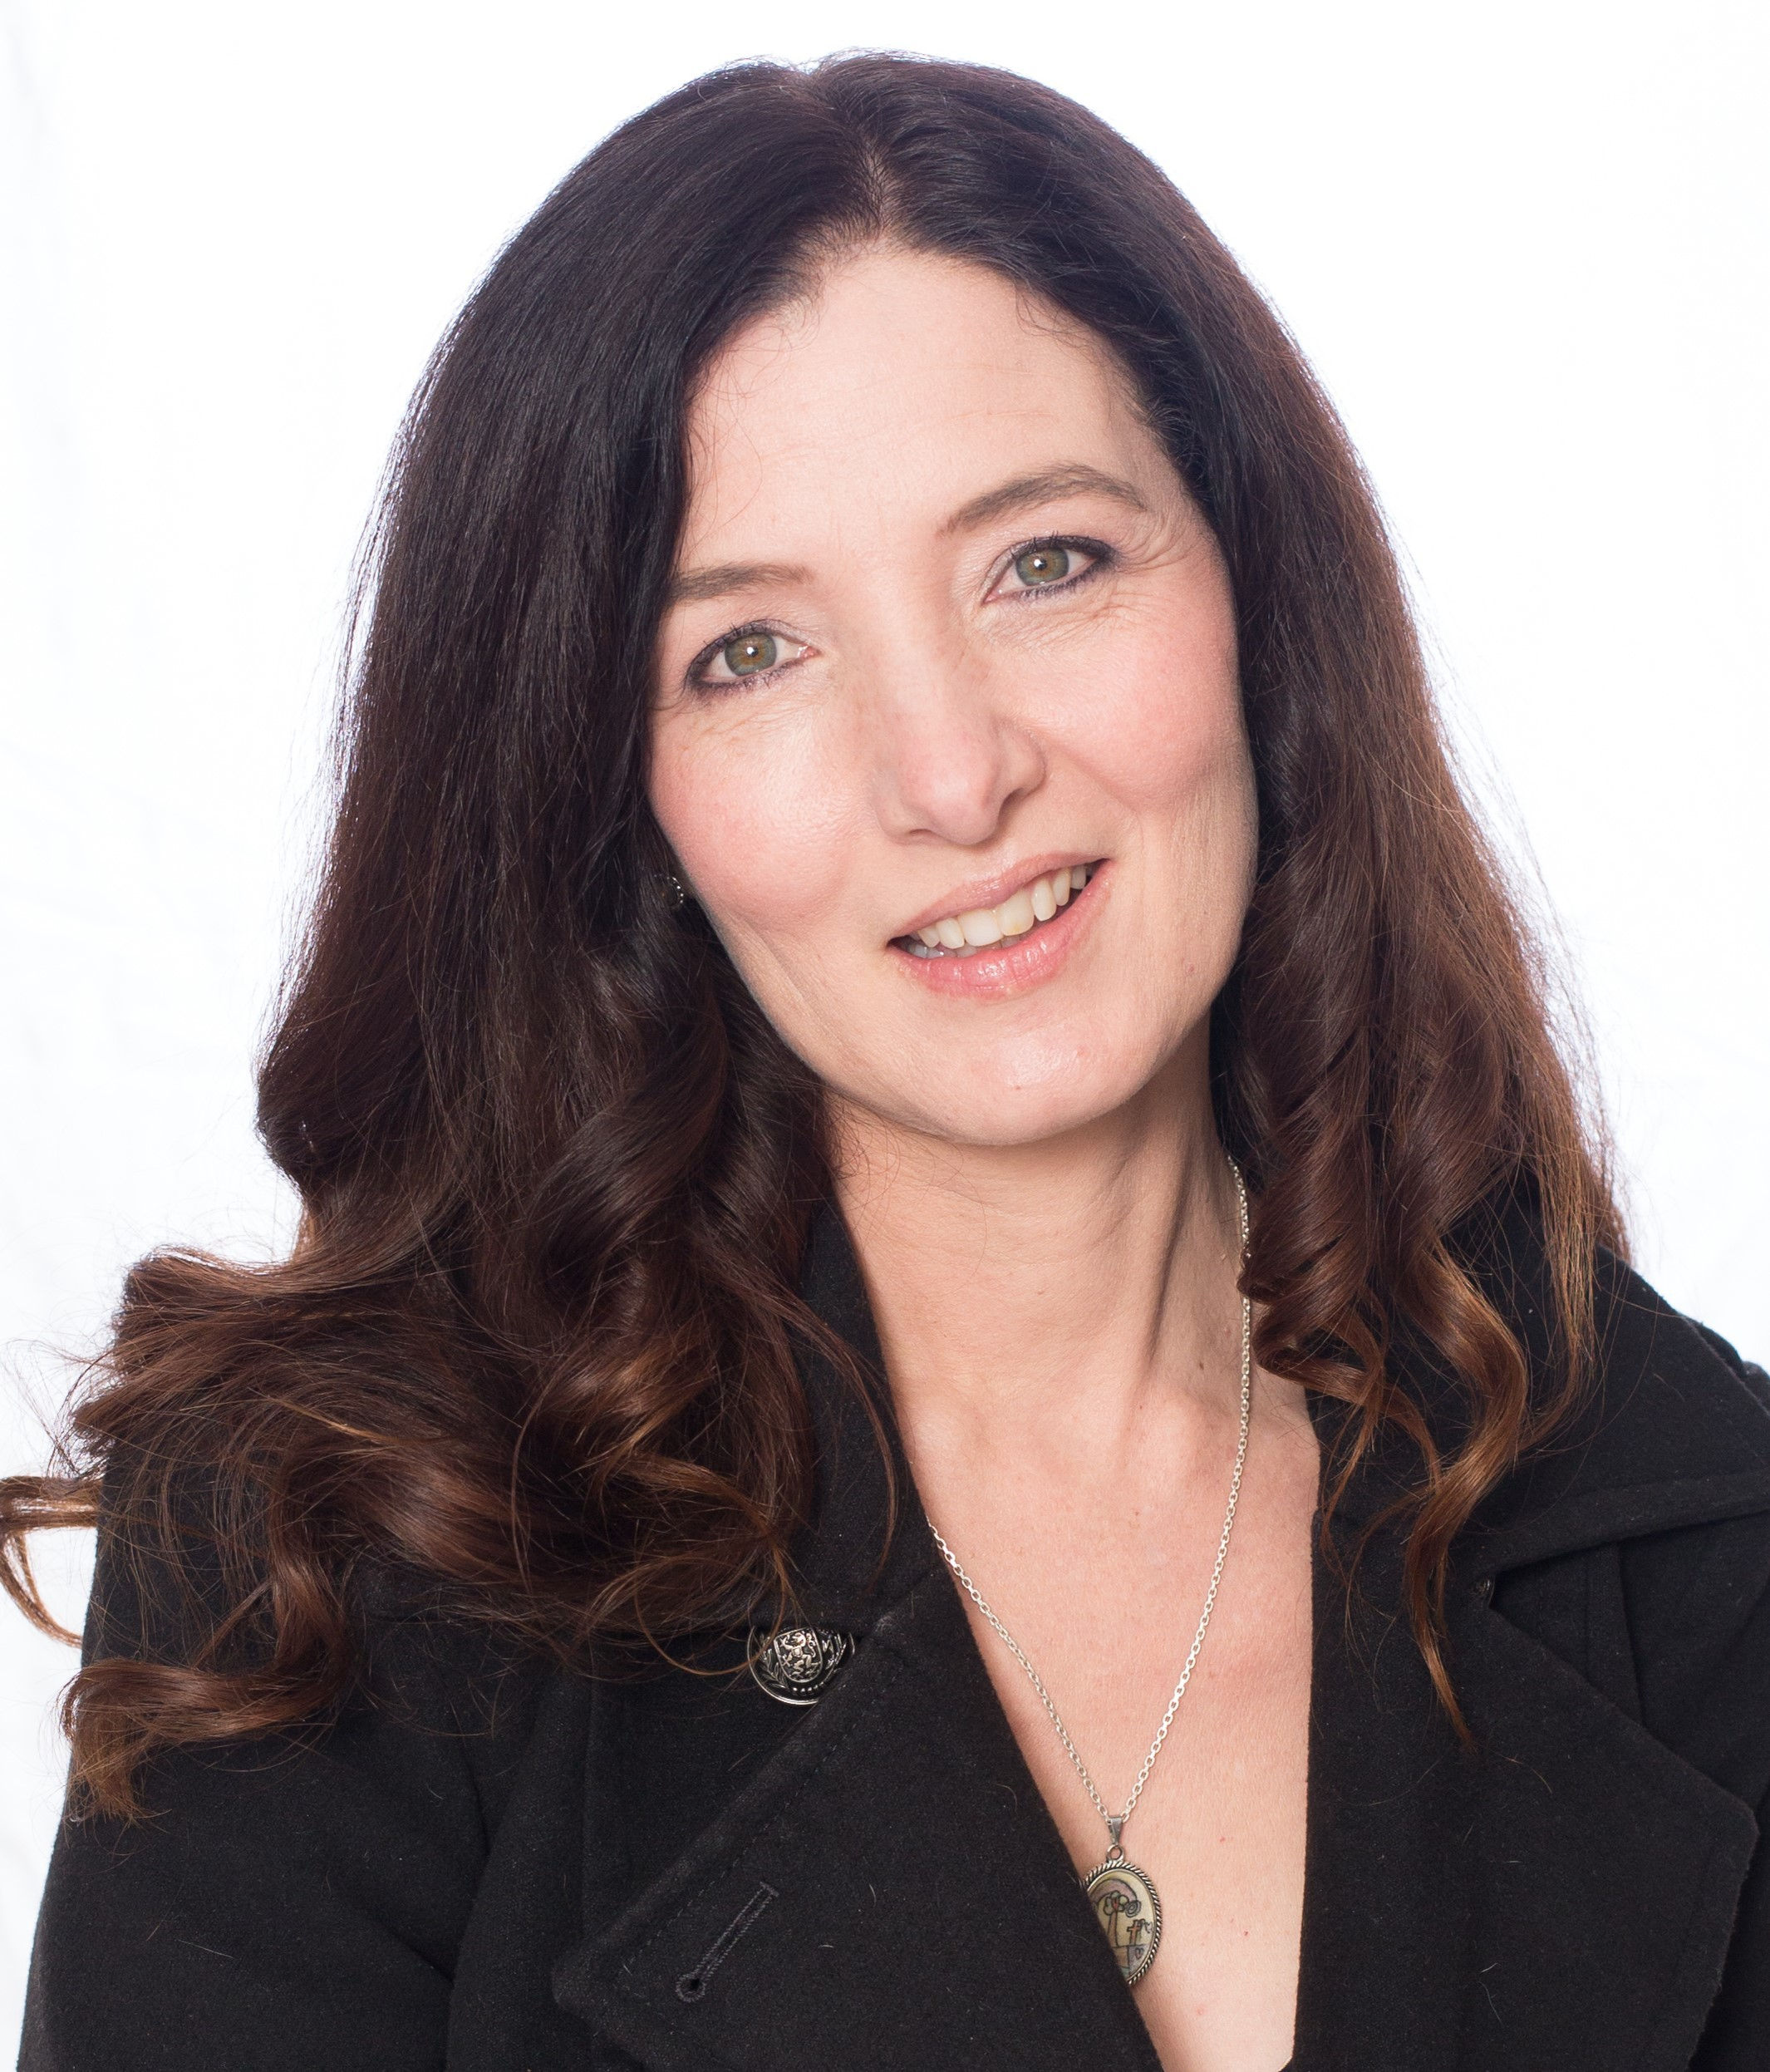 Esmarie Cilliers